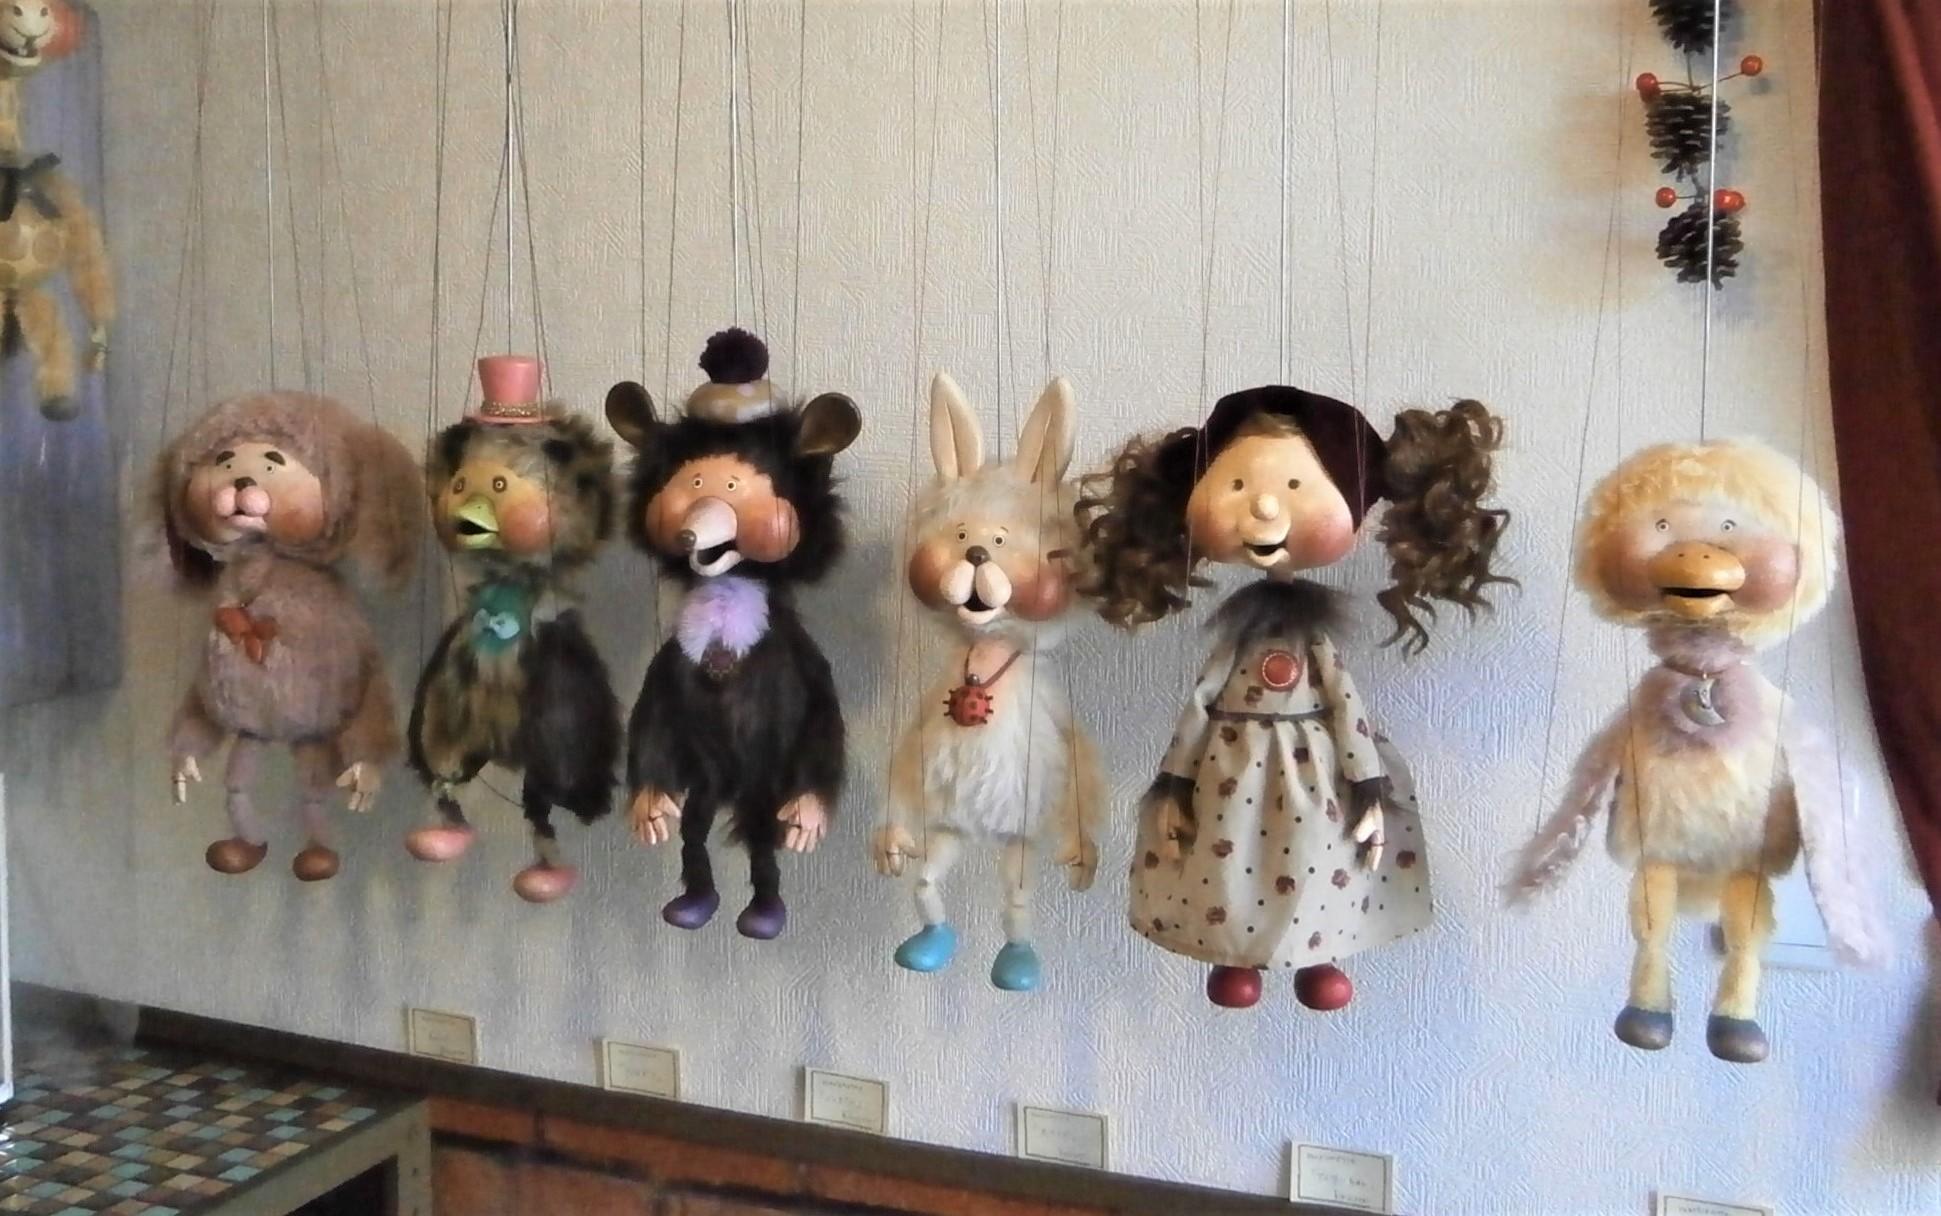 営業再開のマリオネットと人形店_d0152713_10025185.jpg